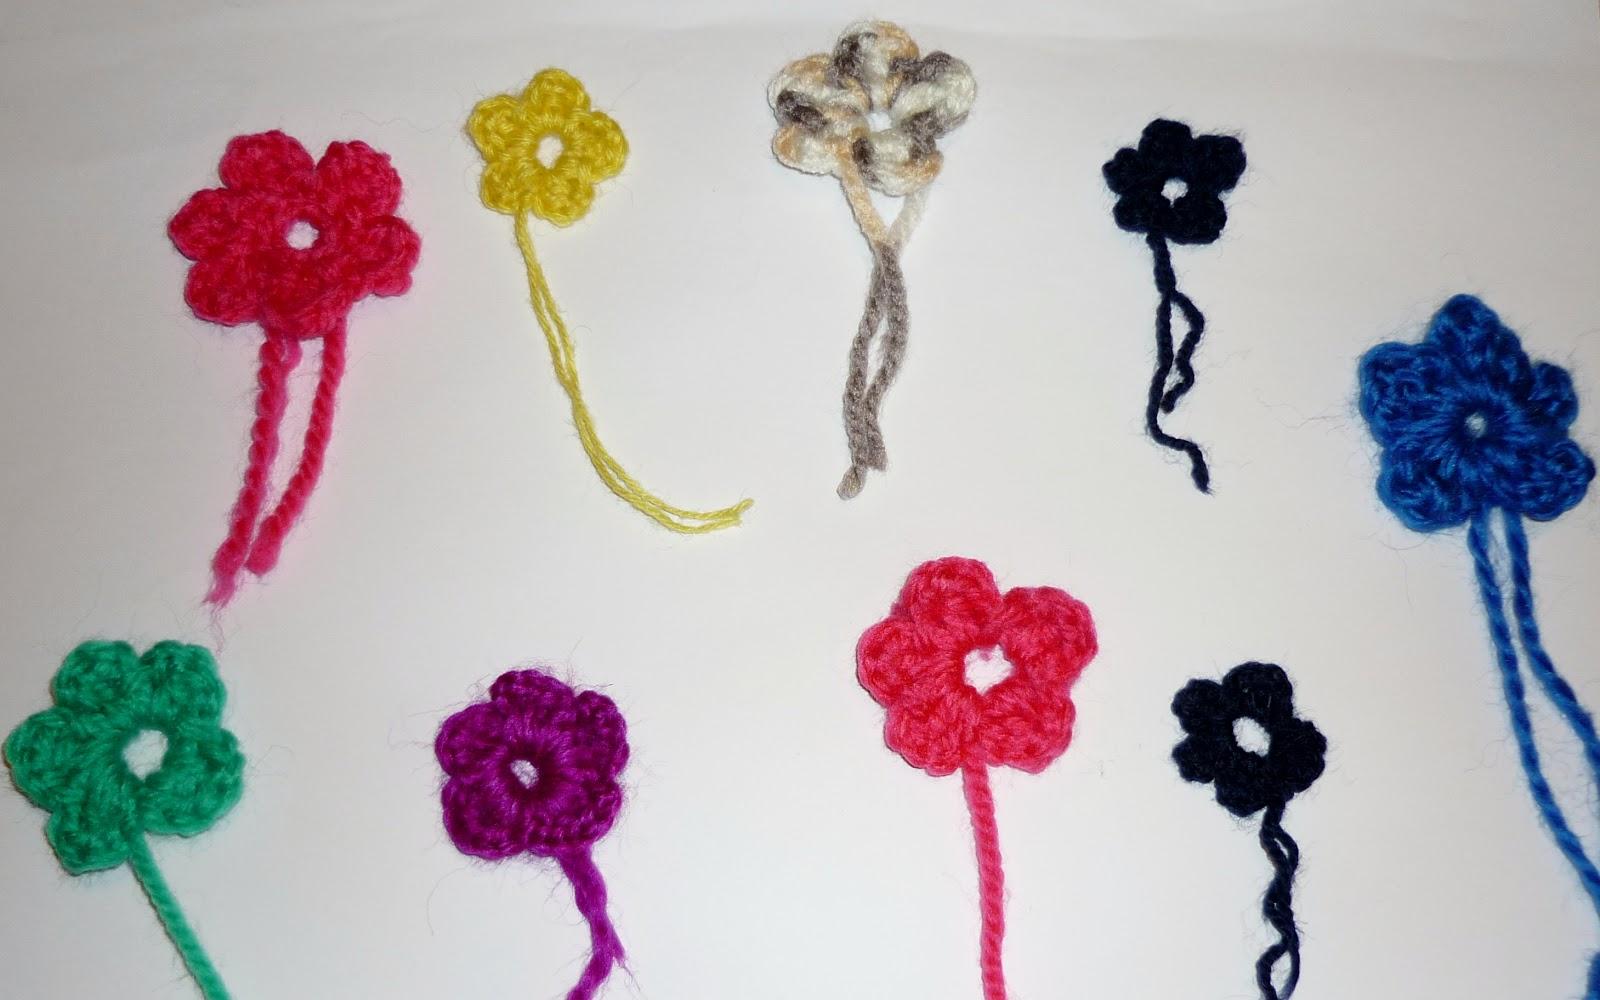 Mixto Como Hacer Flores De Ganchillo Faciles - Como-hacer-una-flor-de-lana